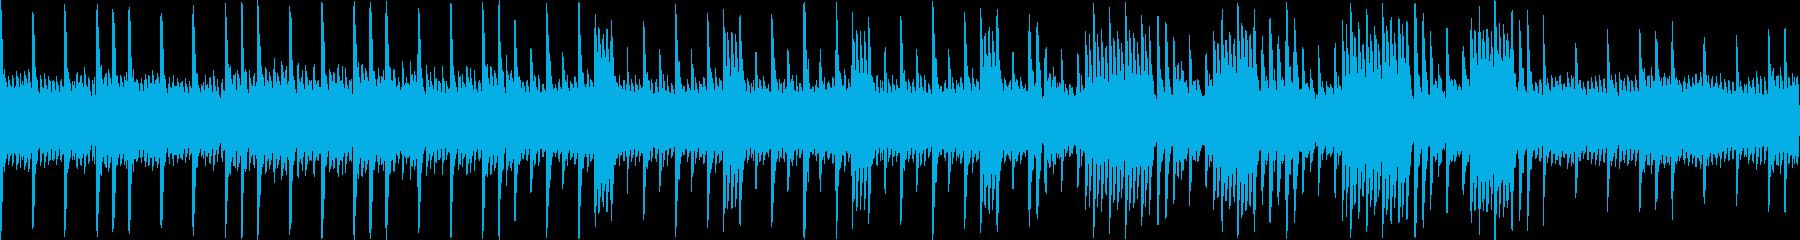 レトロゲーム風、月イメージの優しいBGMの再生済みの波形